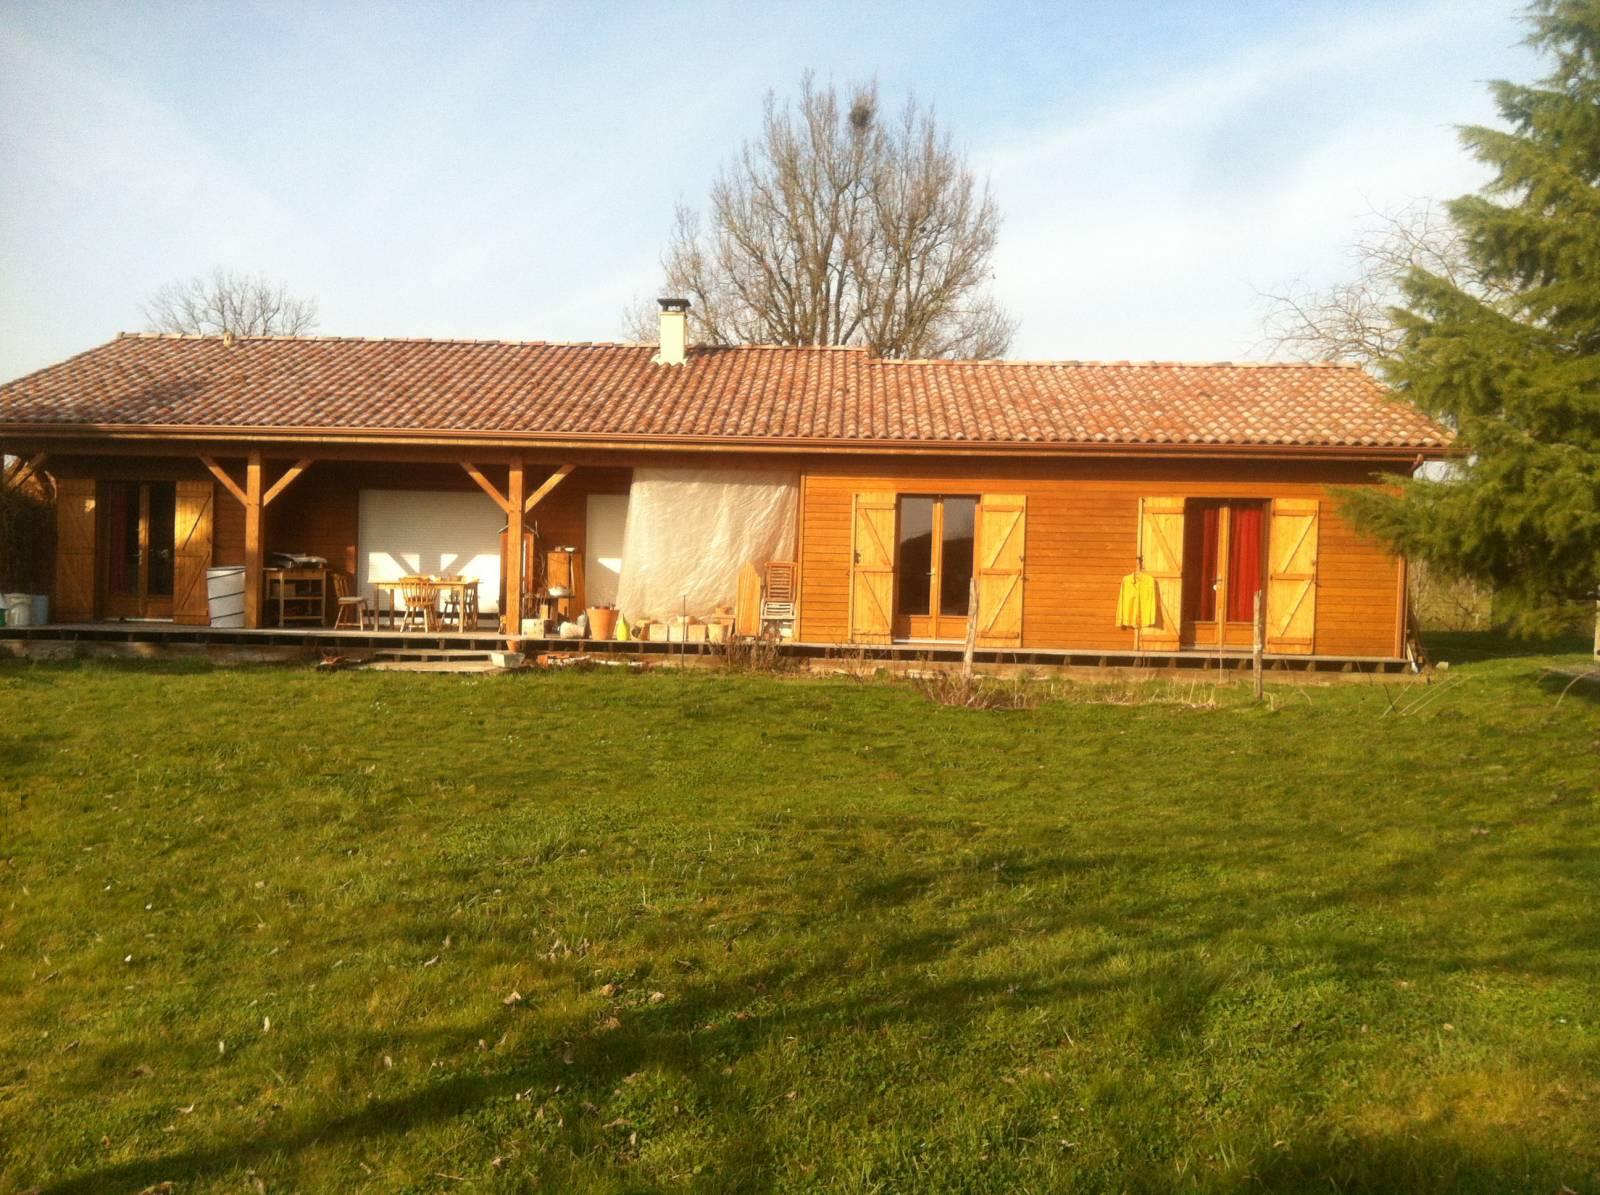 Maison bois réf 10044  près de Montauban dans le Tarn et Garonne (82)  Coge